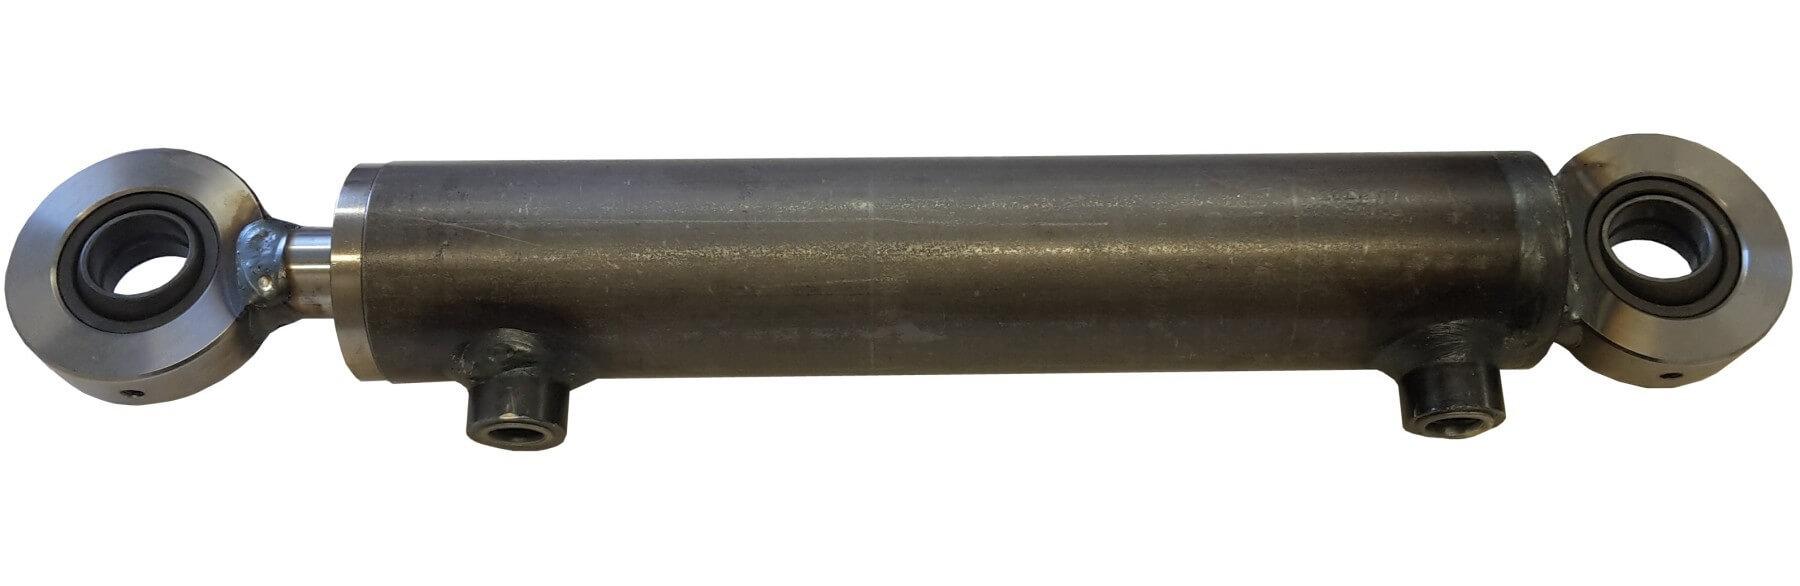 Hydraulisylinteri CL 50. 25. 350 GE - Kailatec Oy Verkkokauppa